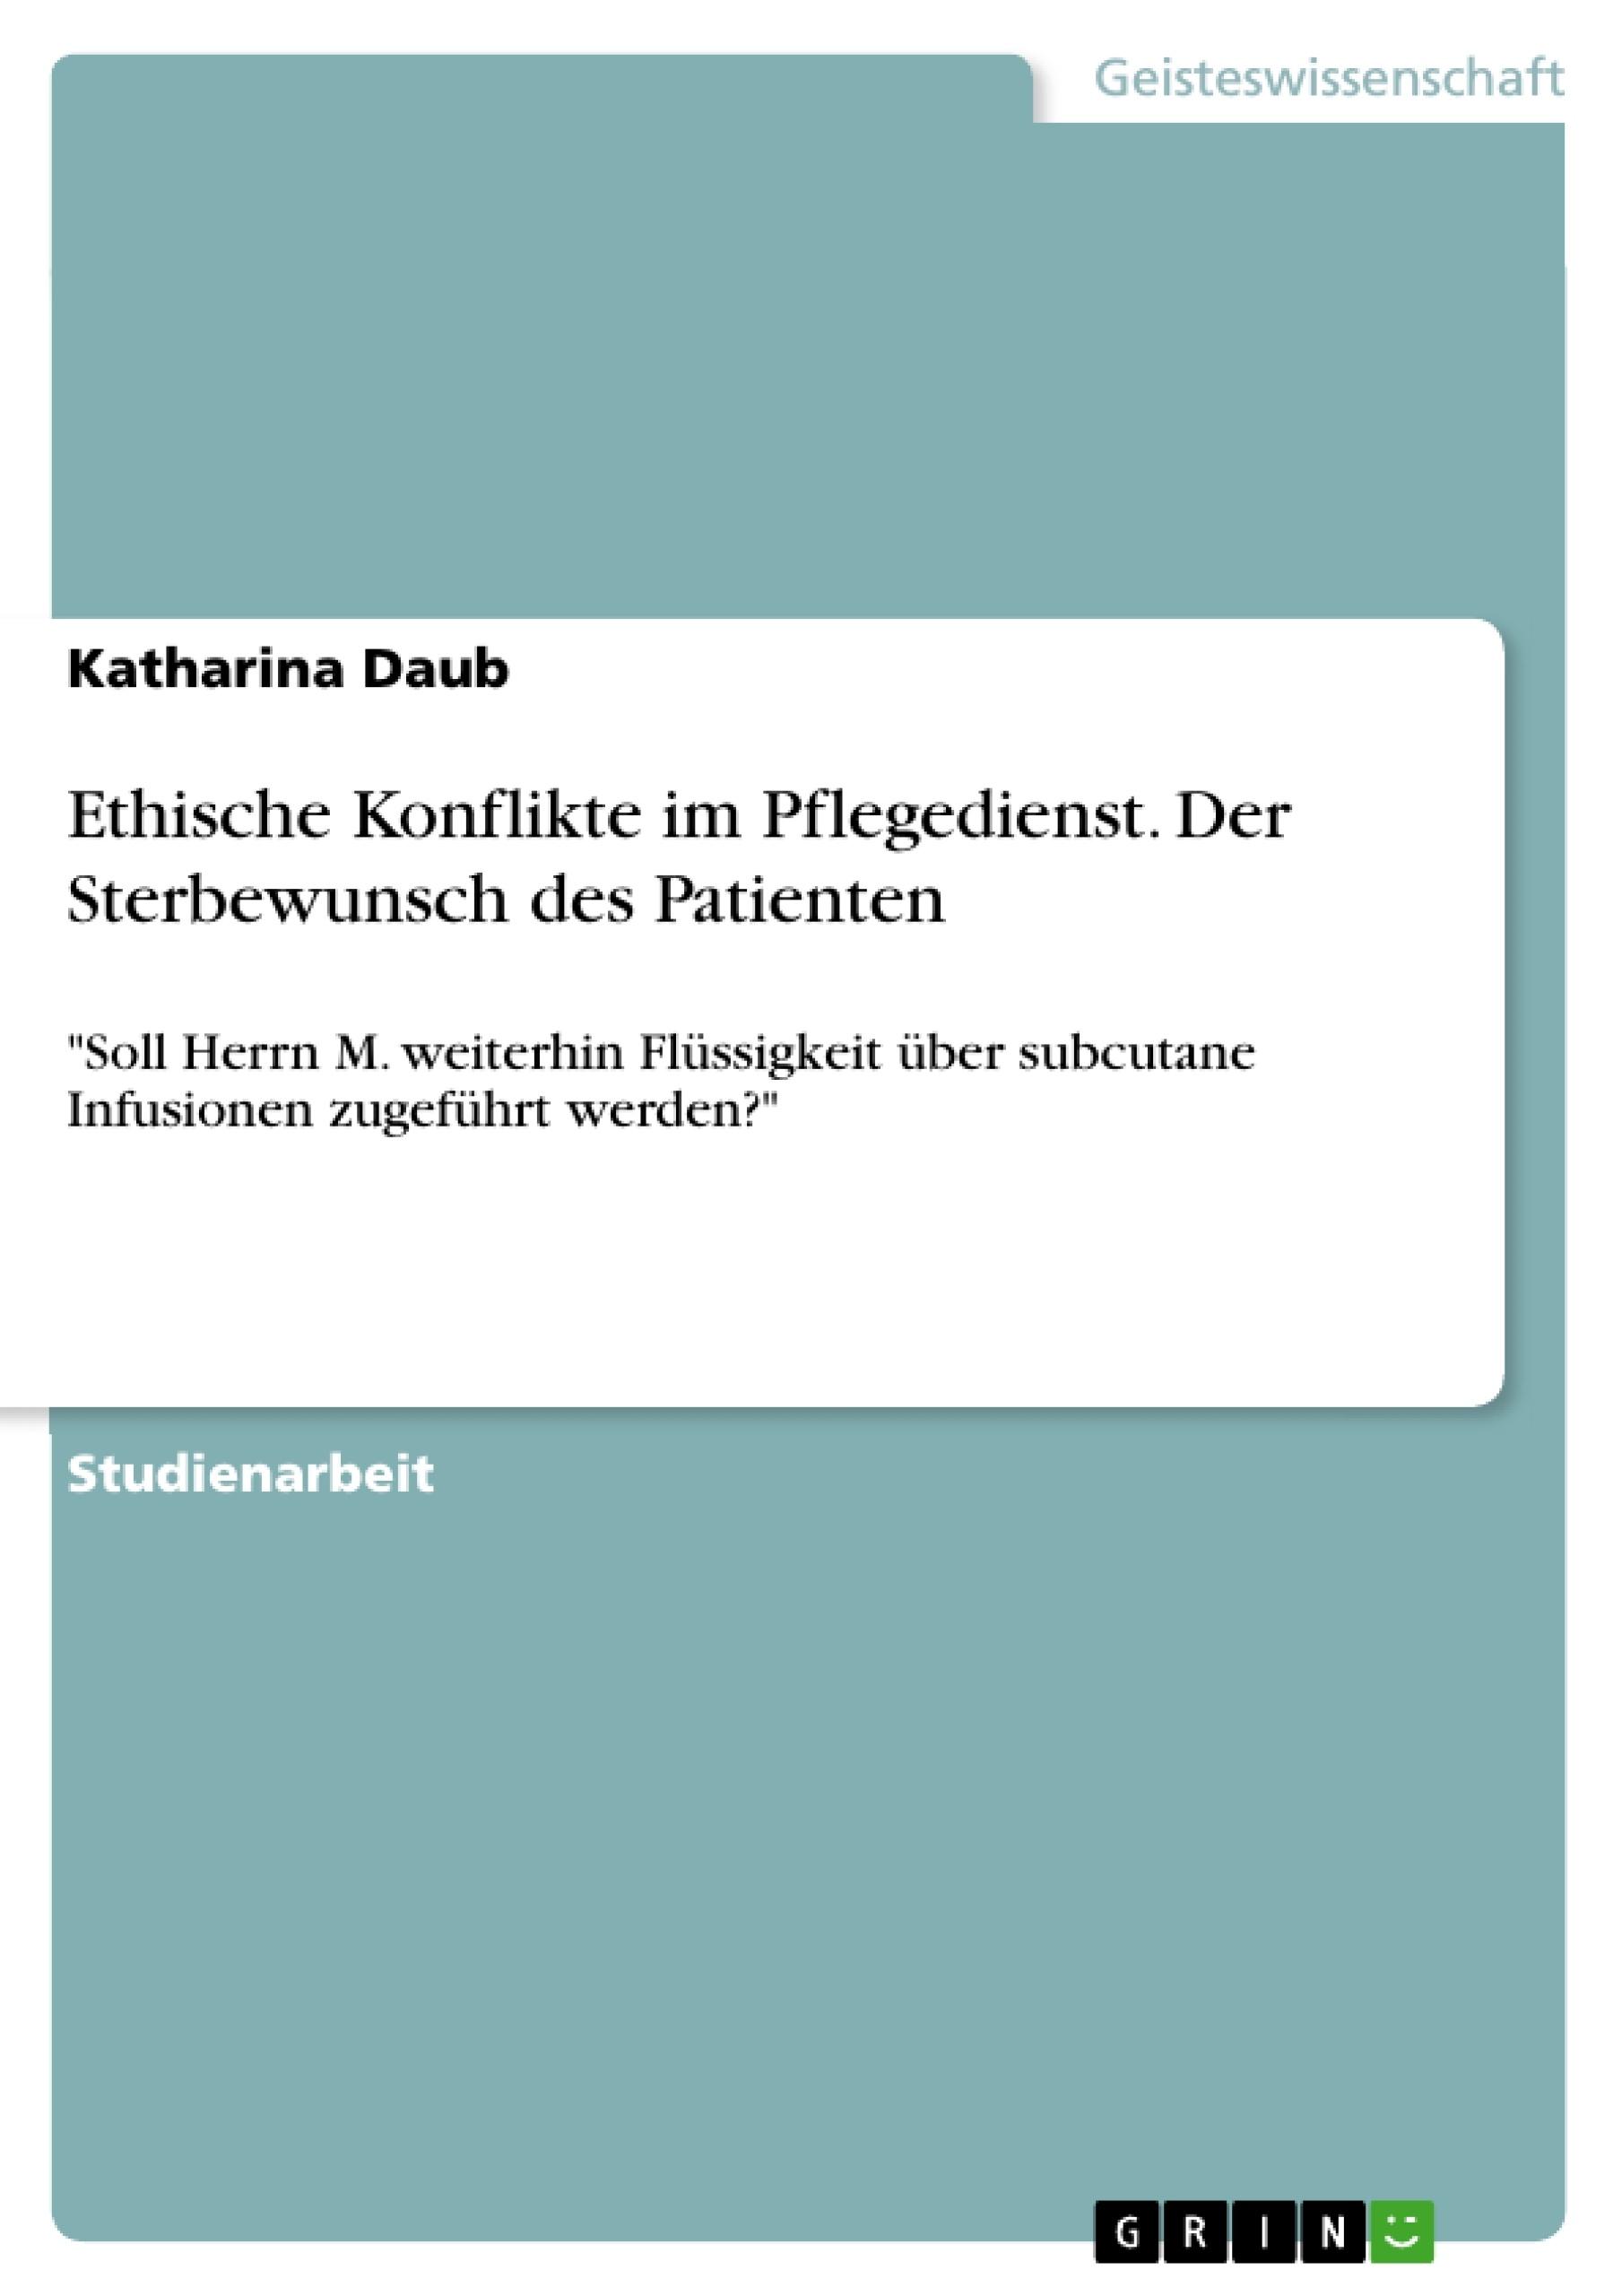 Titel: Ethische Konflikte im Pflegedienst. Der Sterbewunsch des Patienten